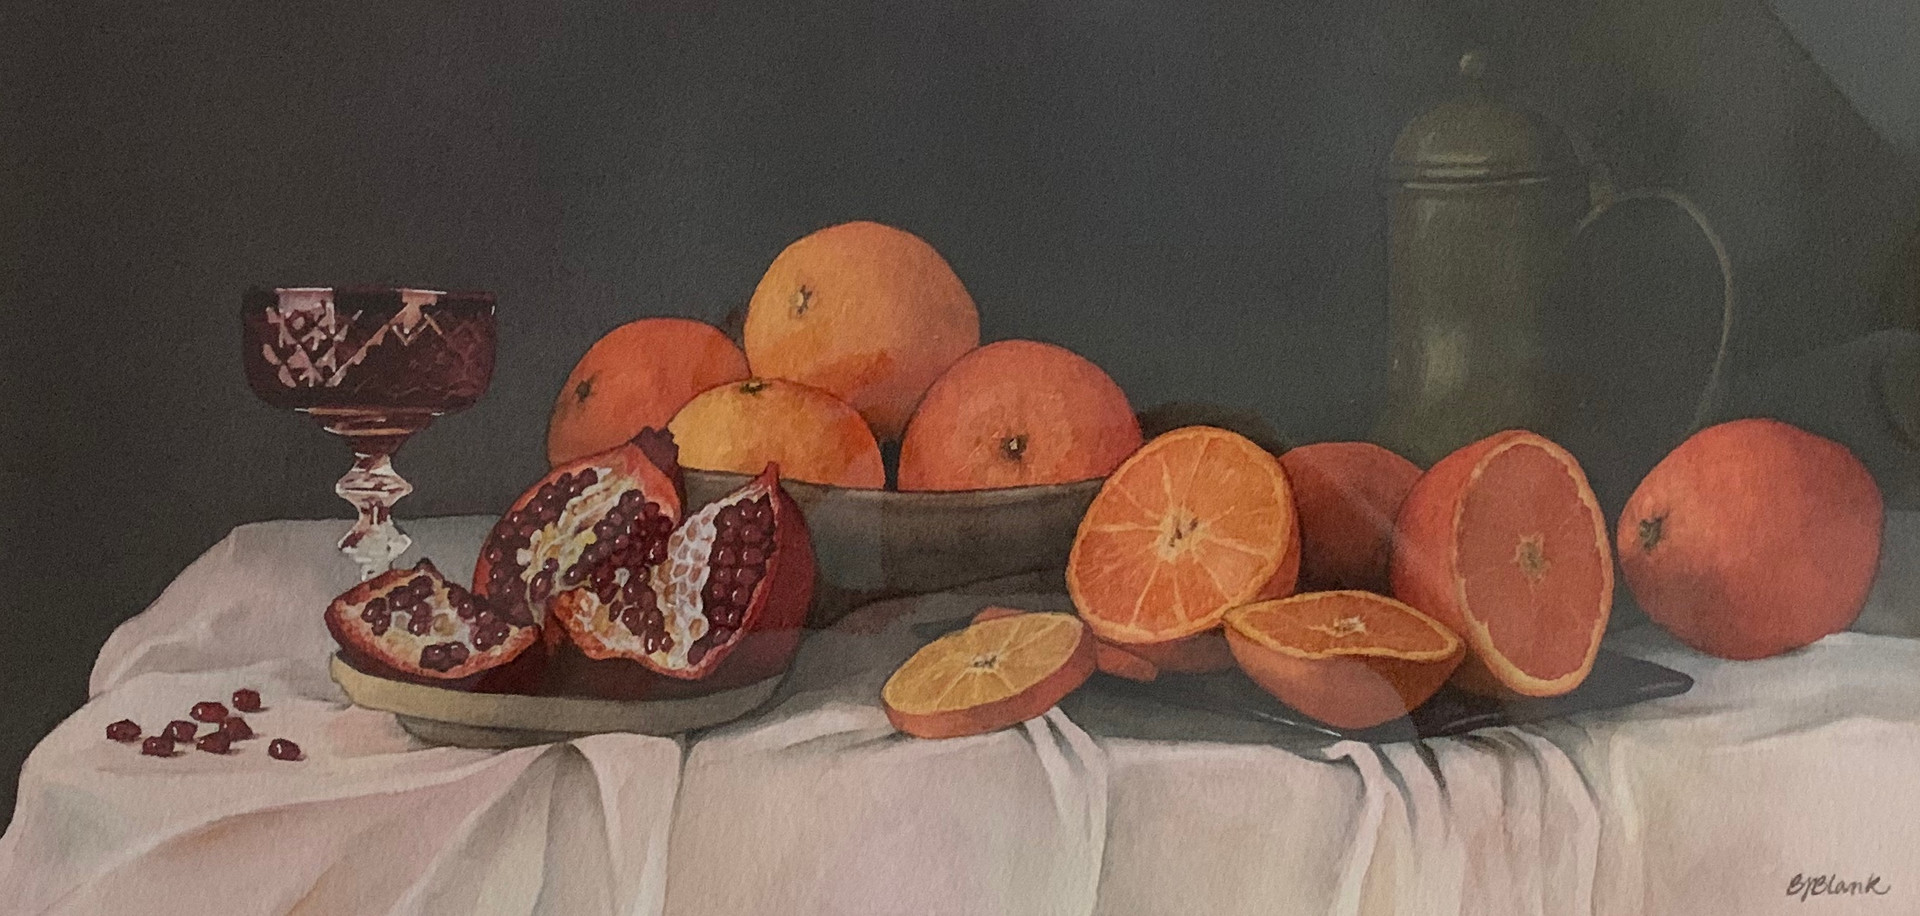 Oranges and Pomogranates_1